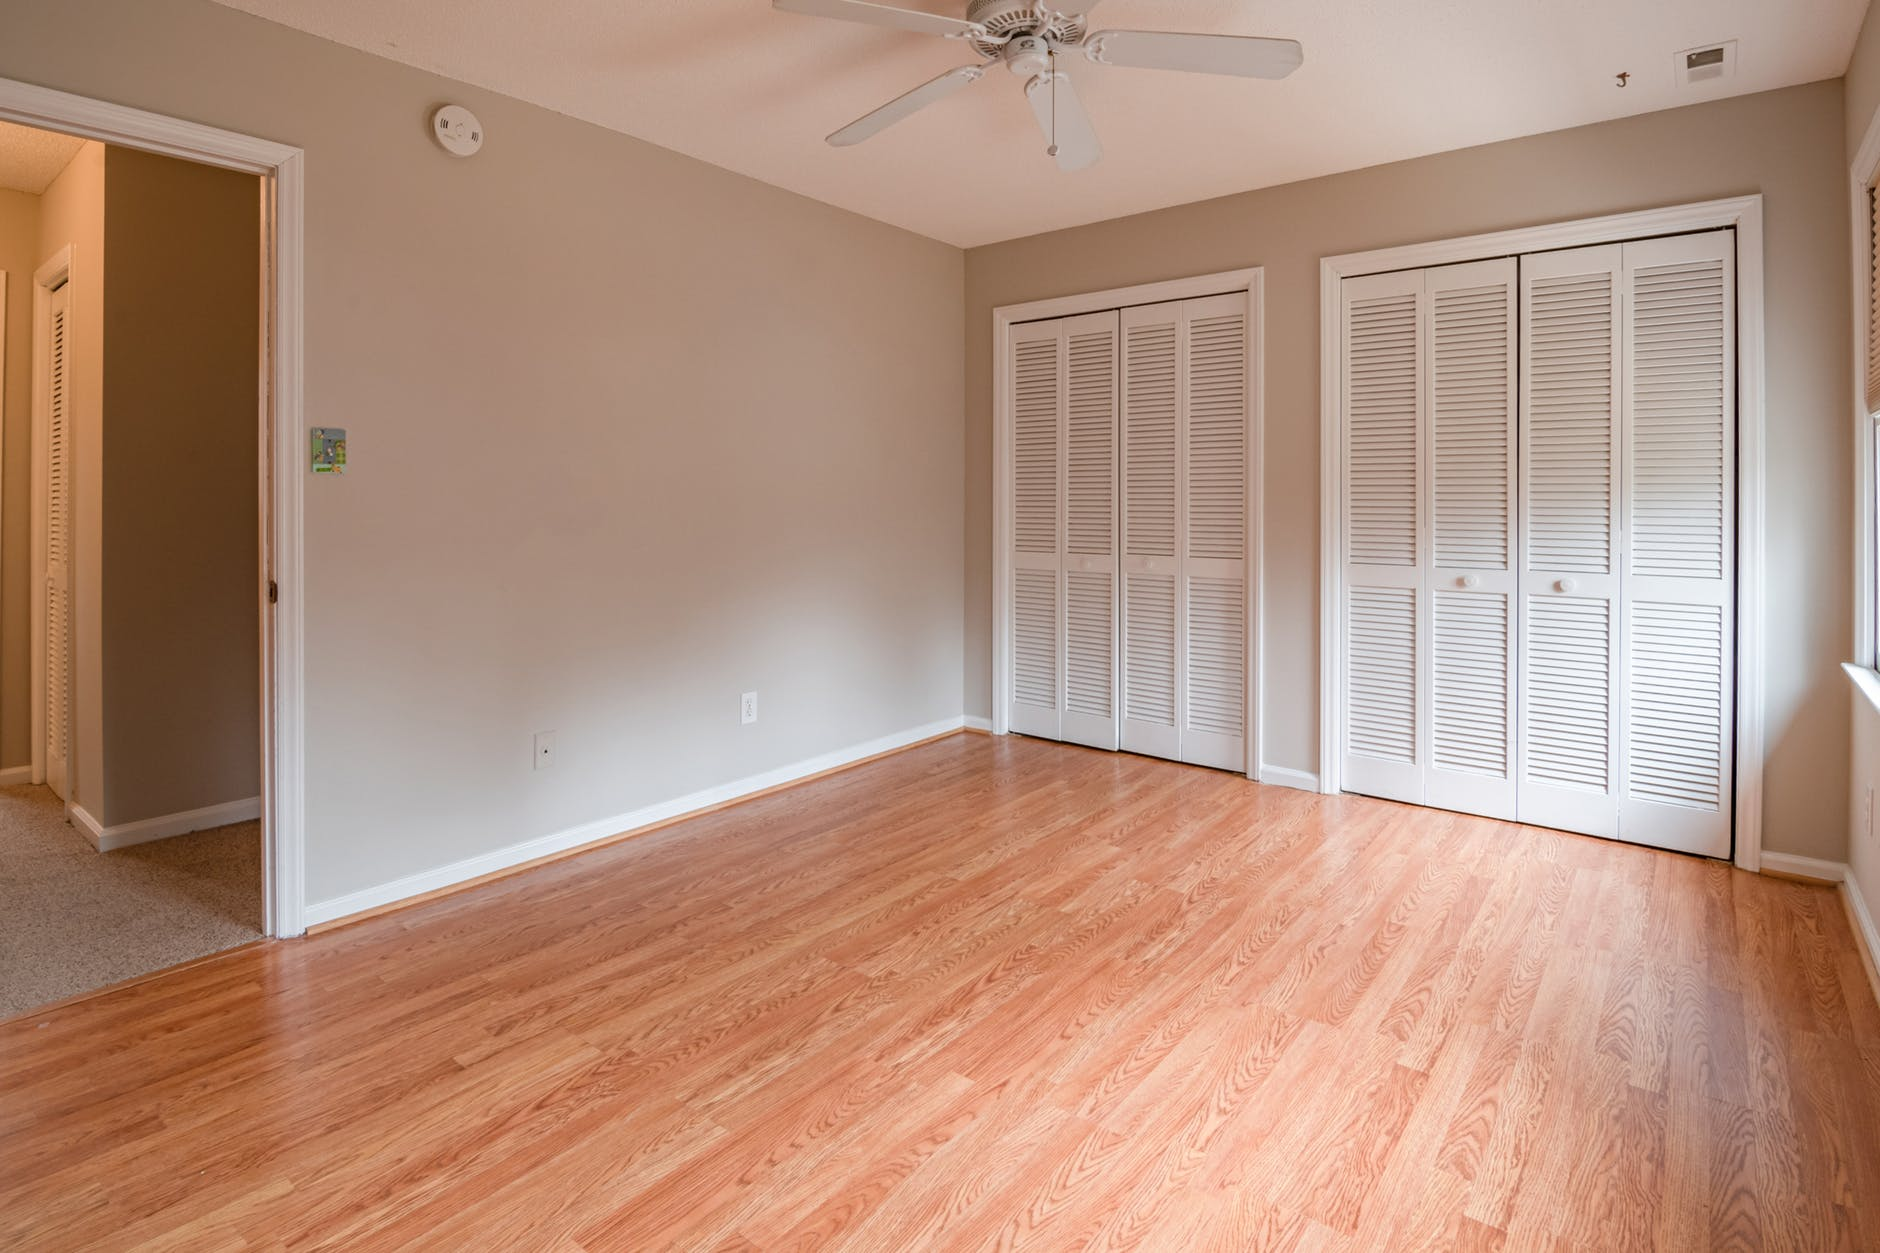 miestnosť, drevená podlaha